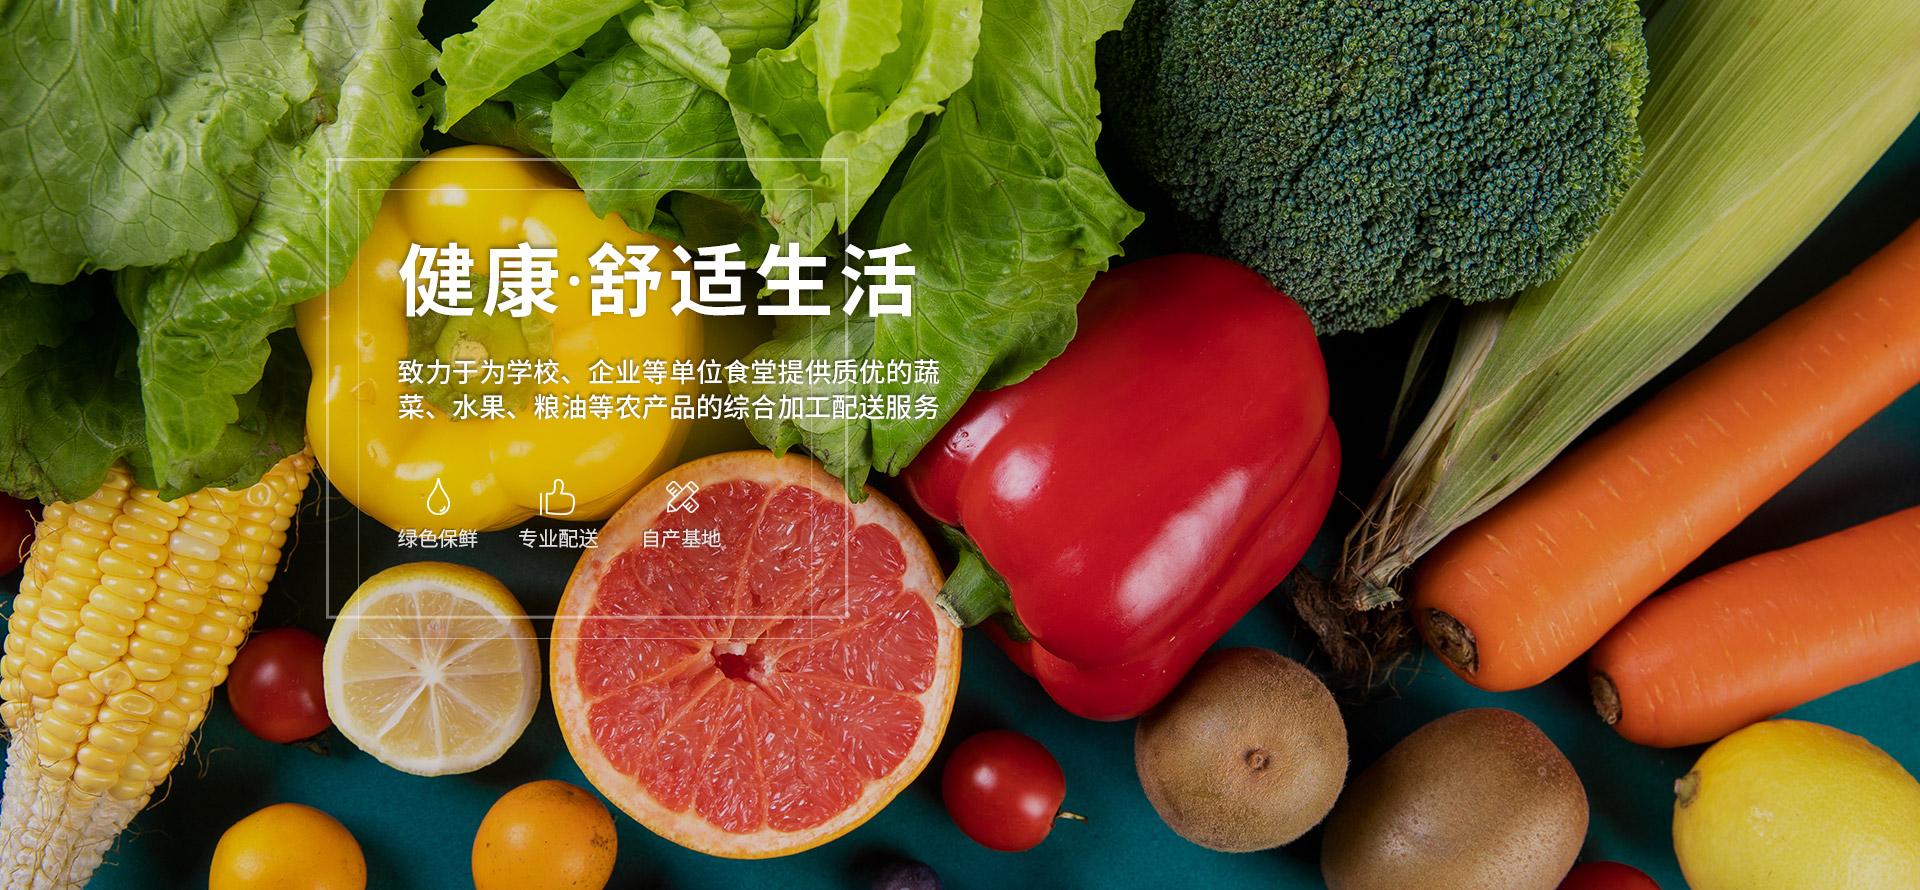 崇明区服务好的生鲜配送怎么样「上海潜裕农副产品配送供应」